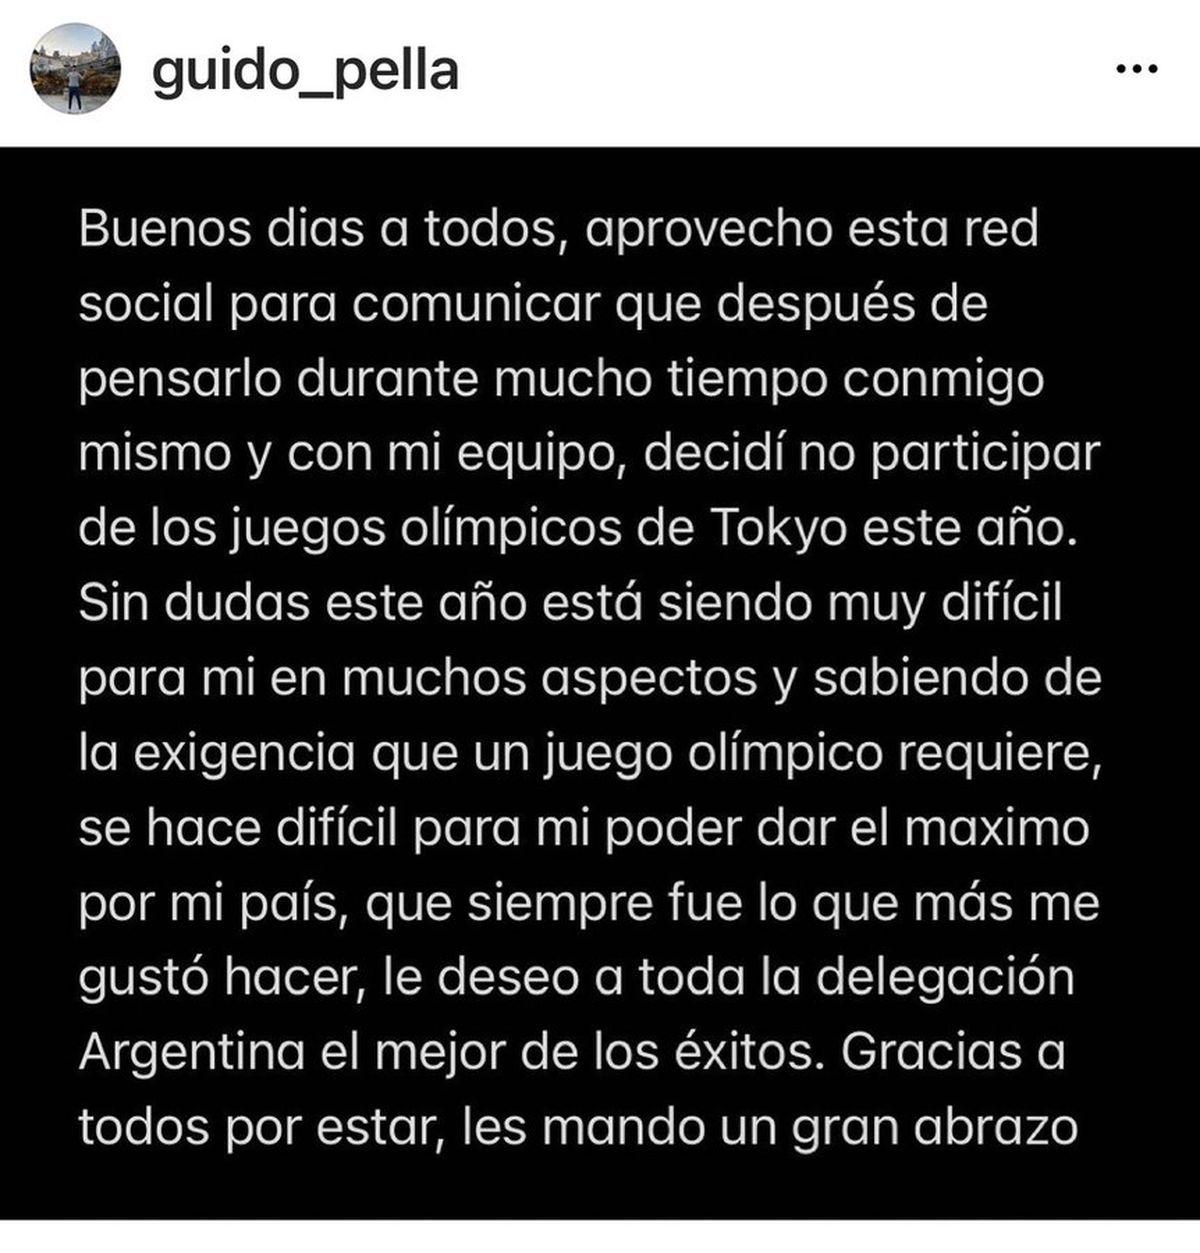 El comunicado de Guido Pella en su cuenta de instagram.